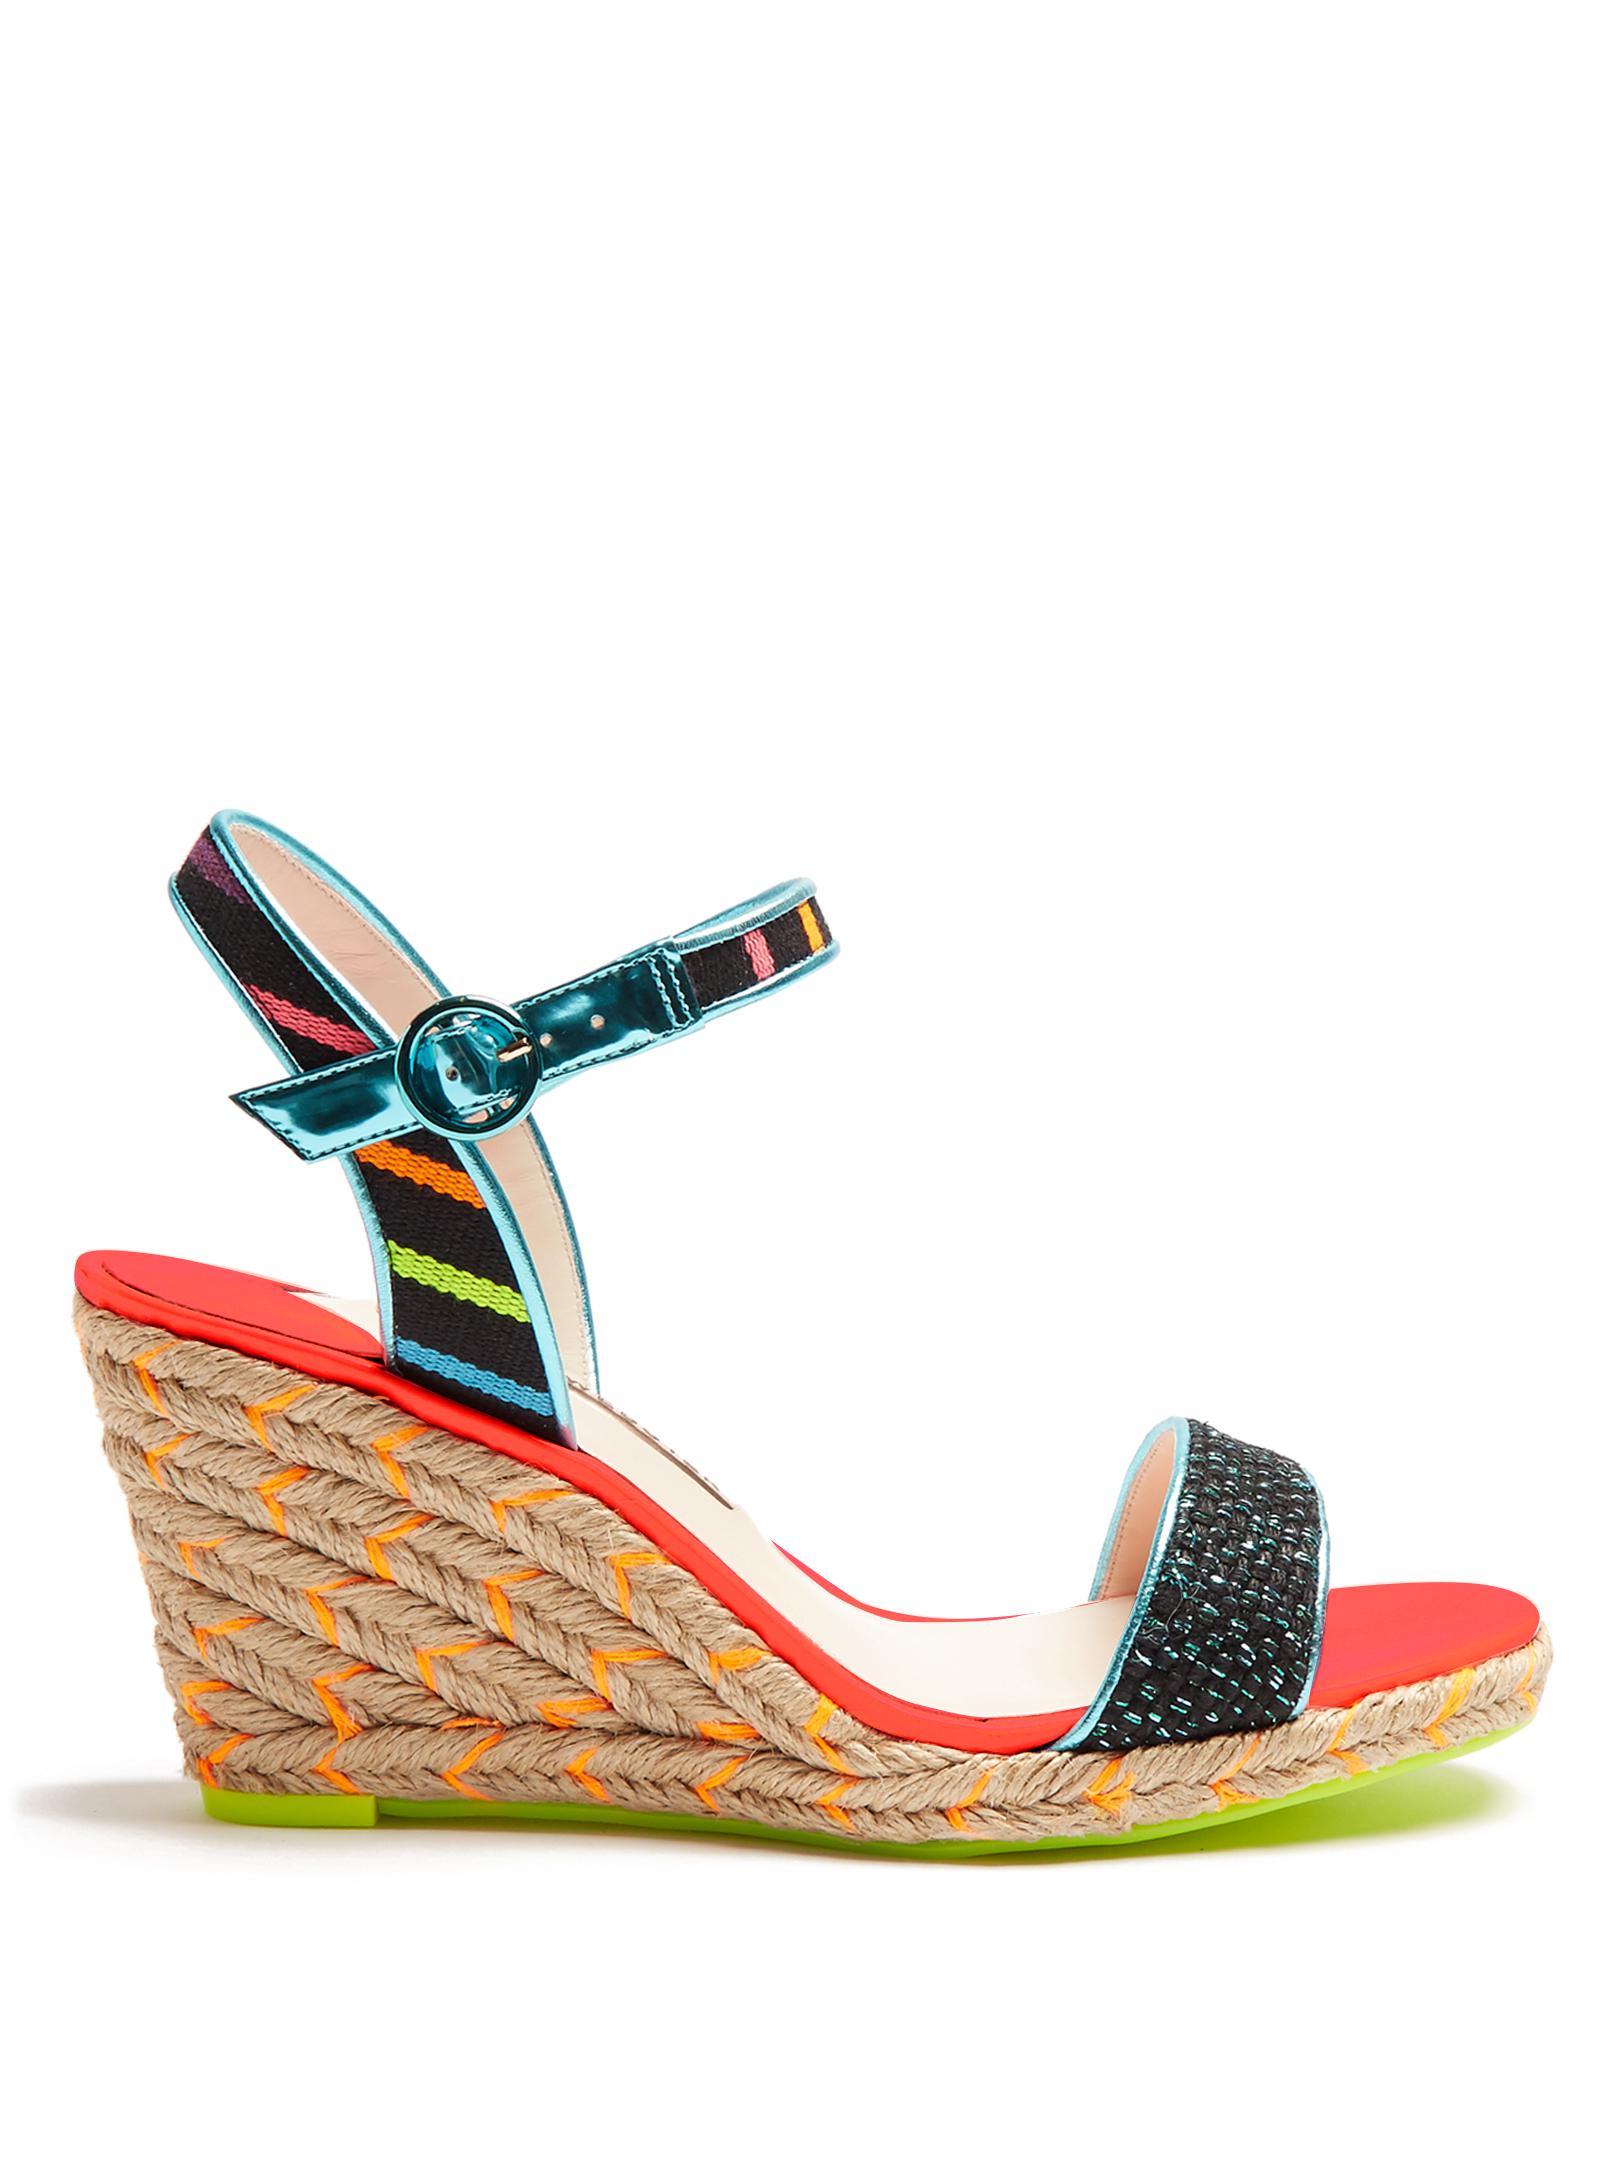 Orange Heel Shoes Australia